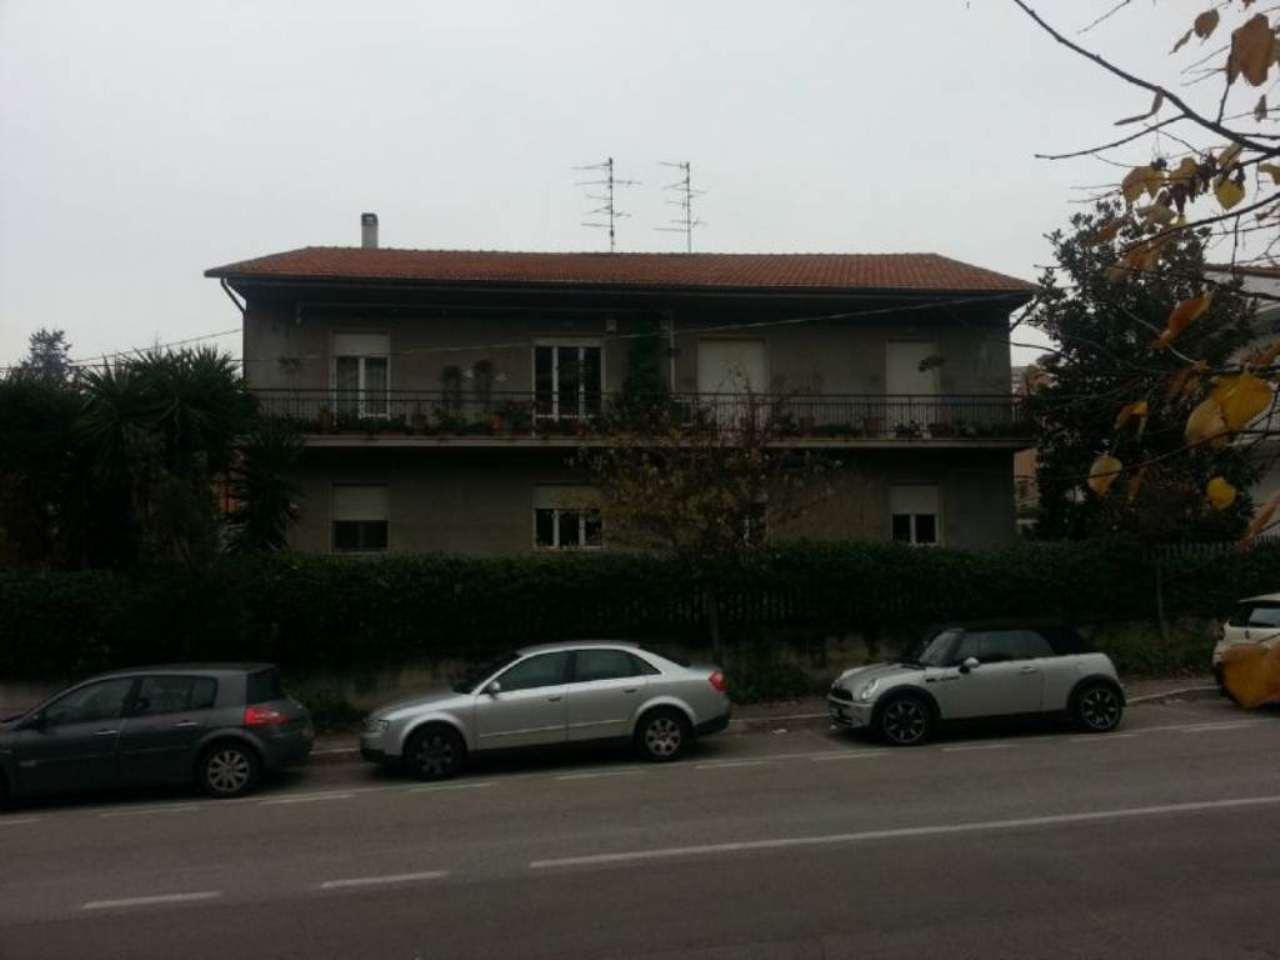 Ufficio / Studio in affitto a Pescara, 2 locali, prezzo € 300 | Cambio Casa.it